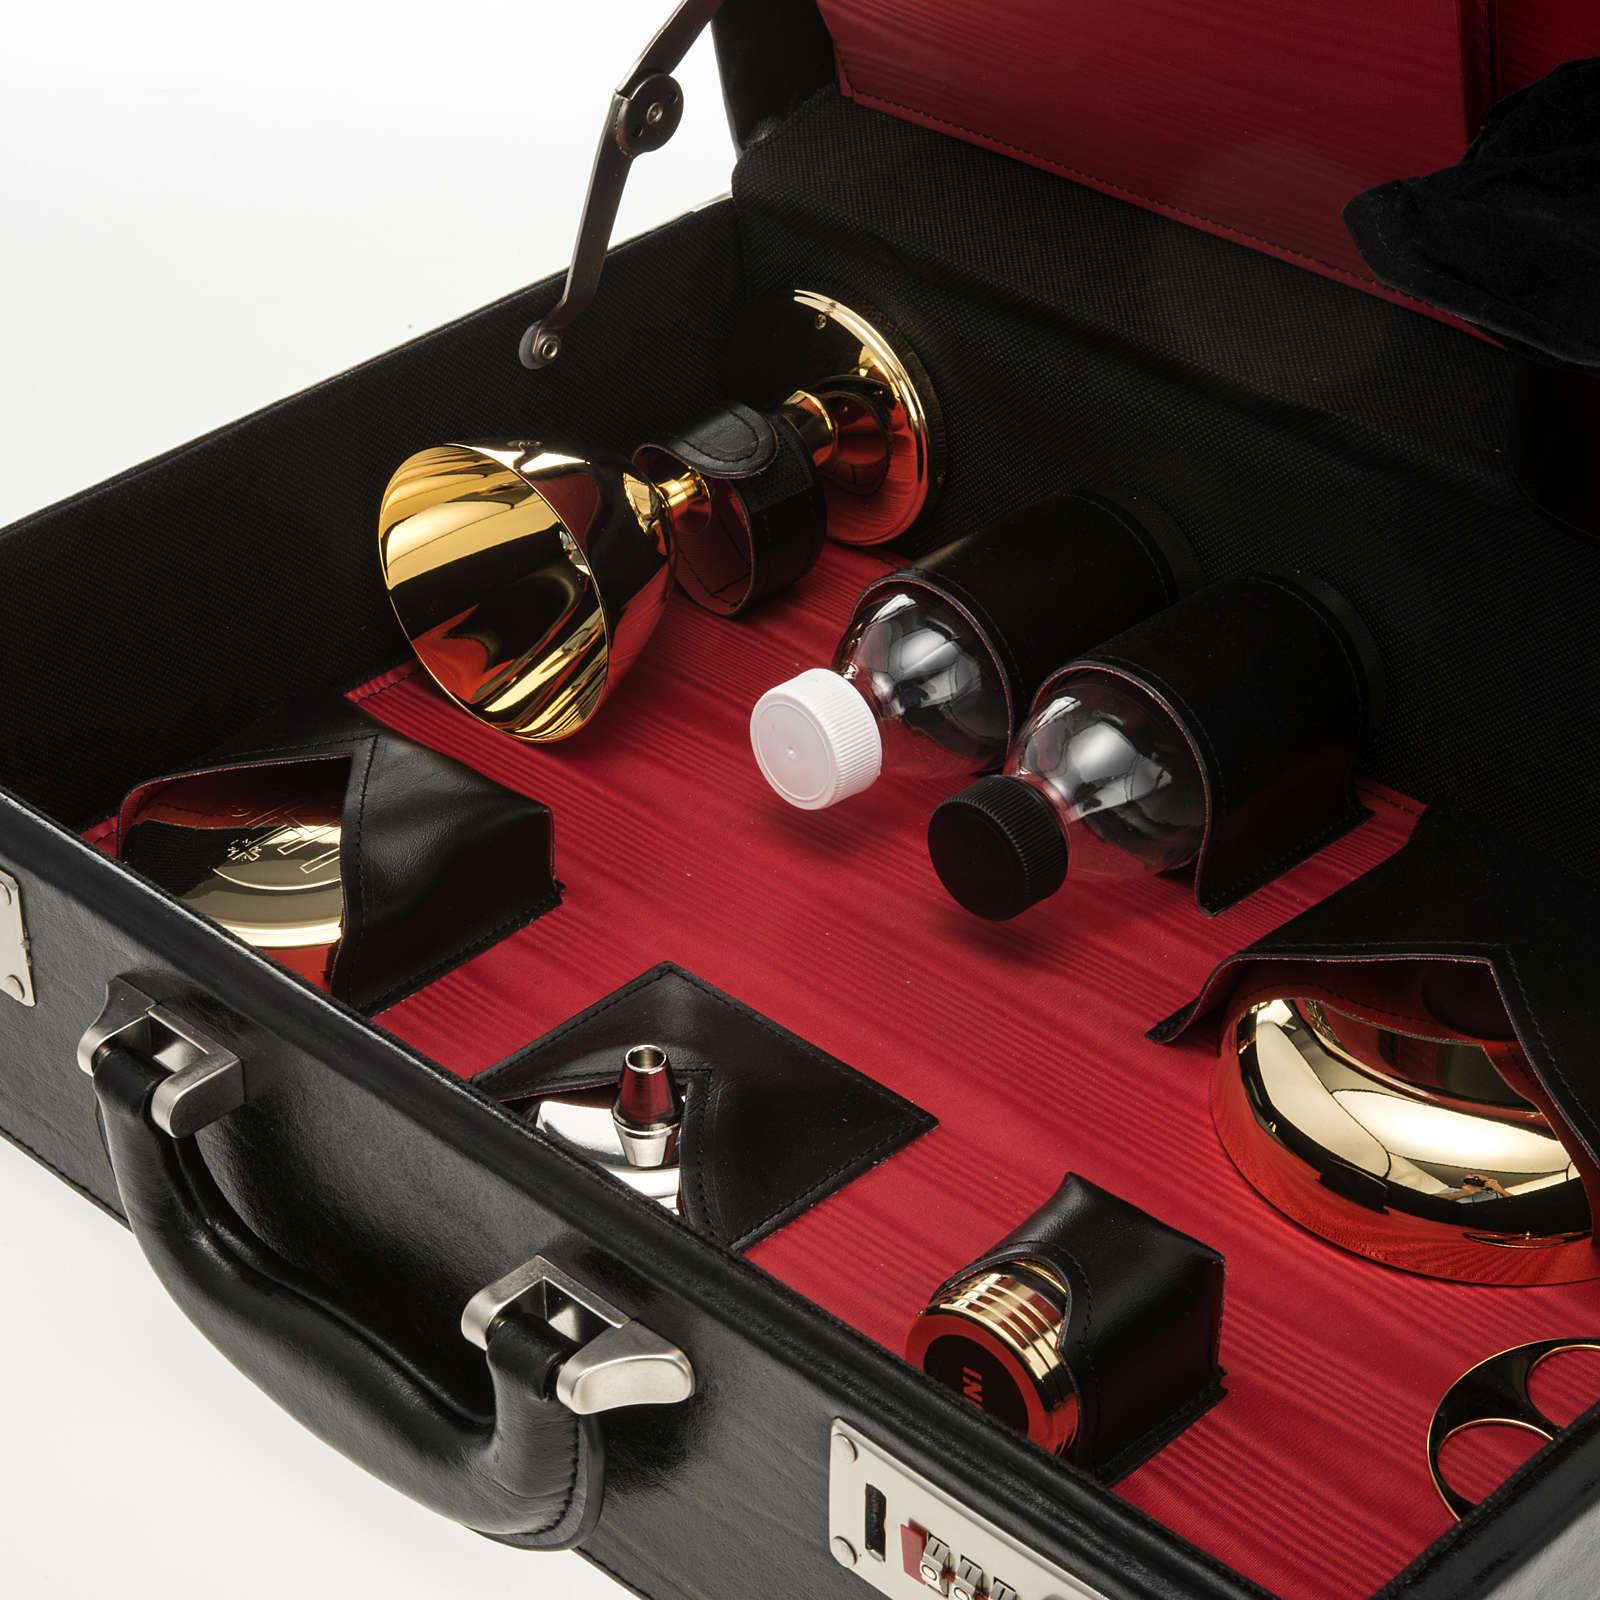 Podróżny zestaw liturgiczny walizka odporna na zadrapani 3